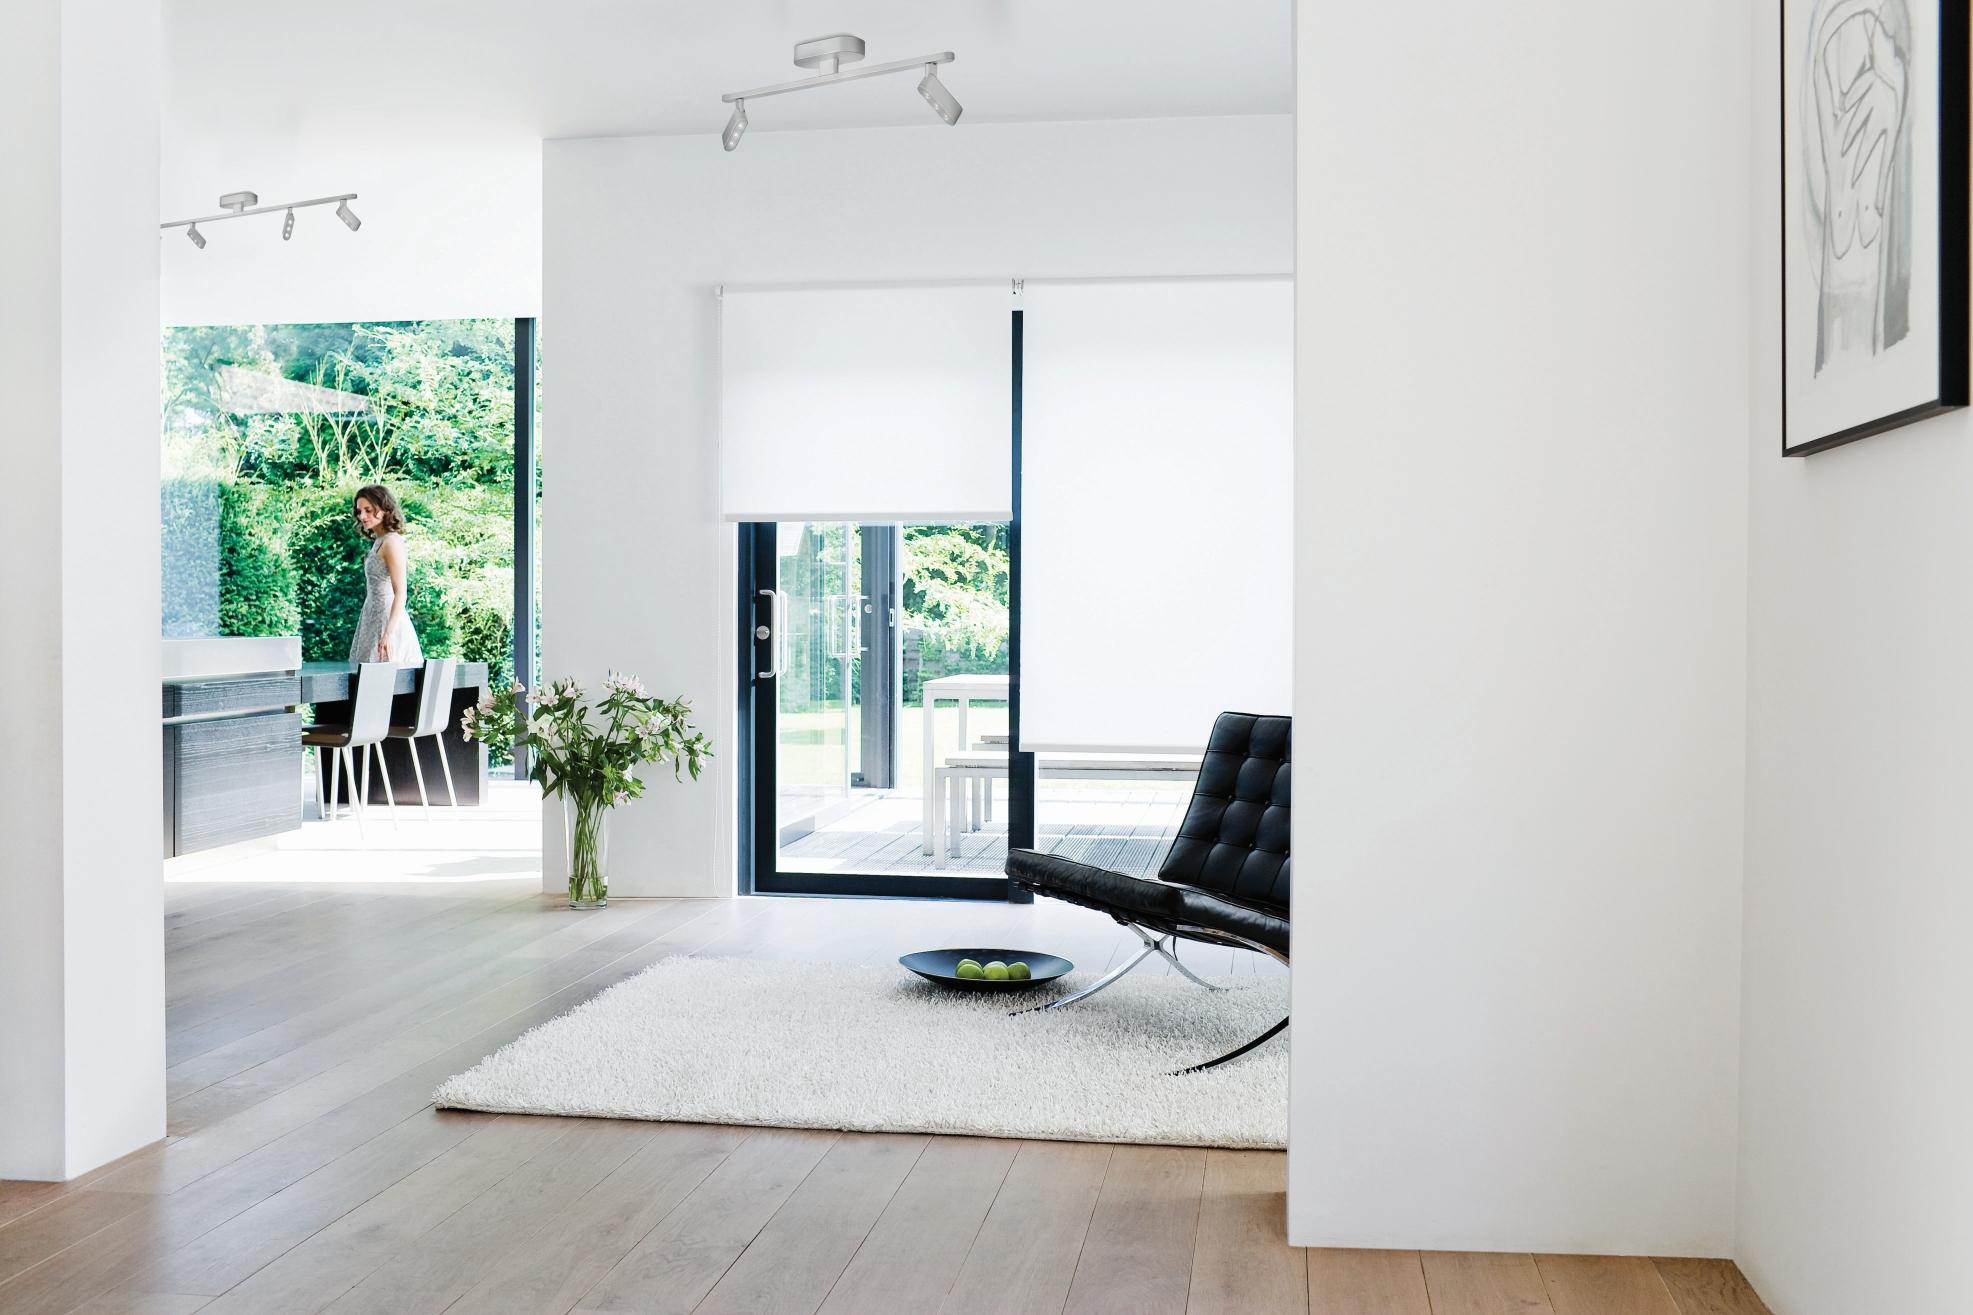 lampen und leuchten ausf hrlich vom fachhandel vorgestellt. Black Bedroom Furniture Sets. Home Design Ideas